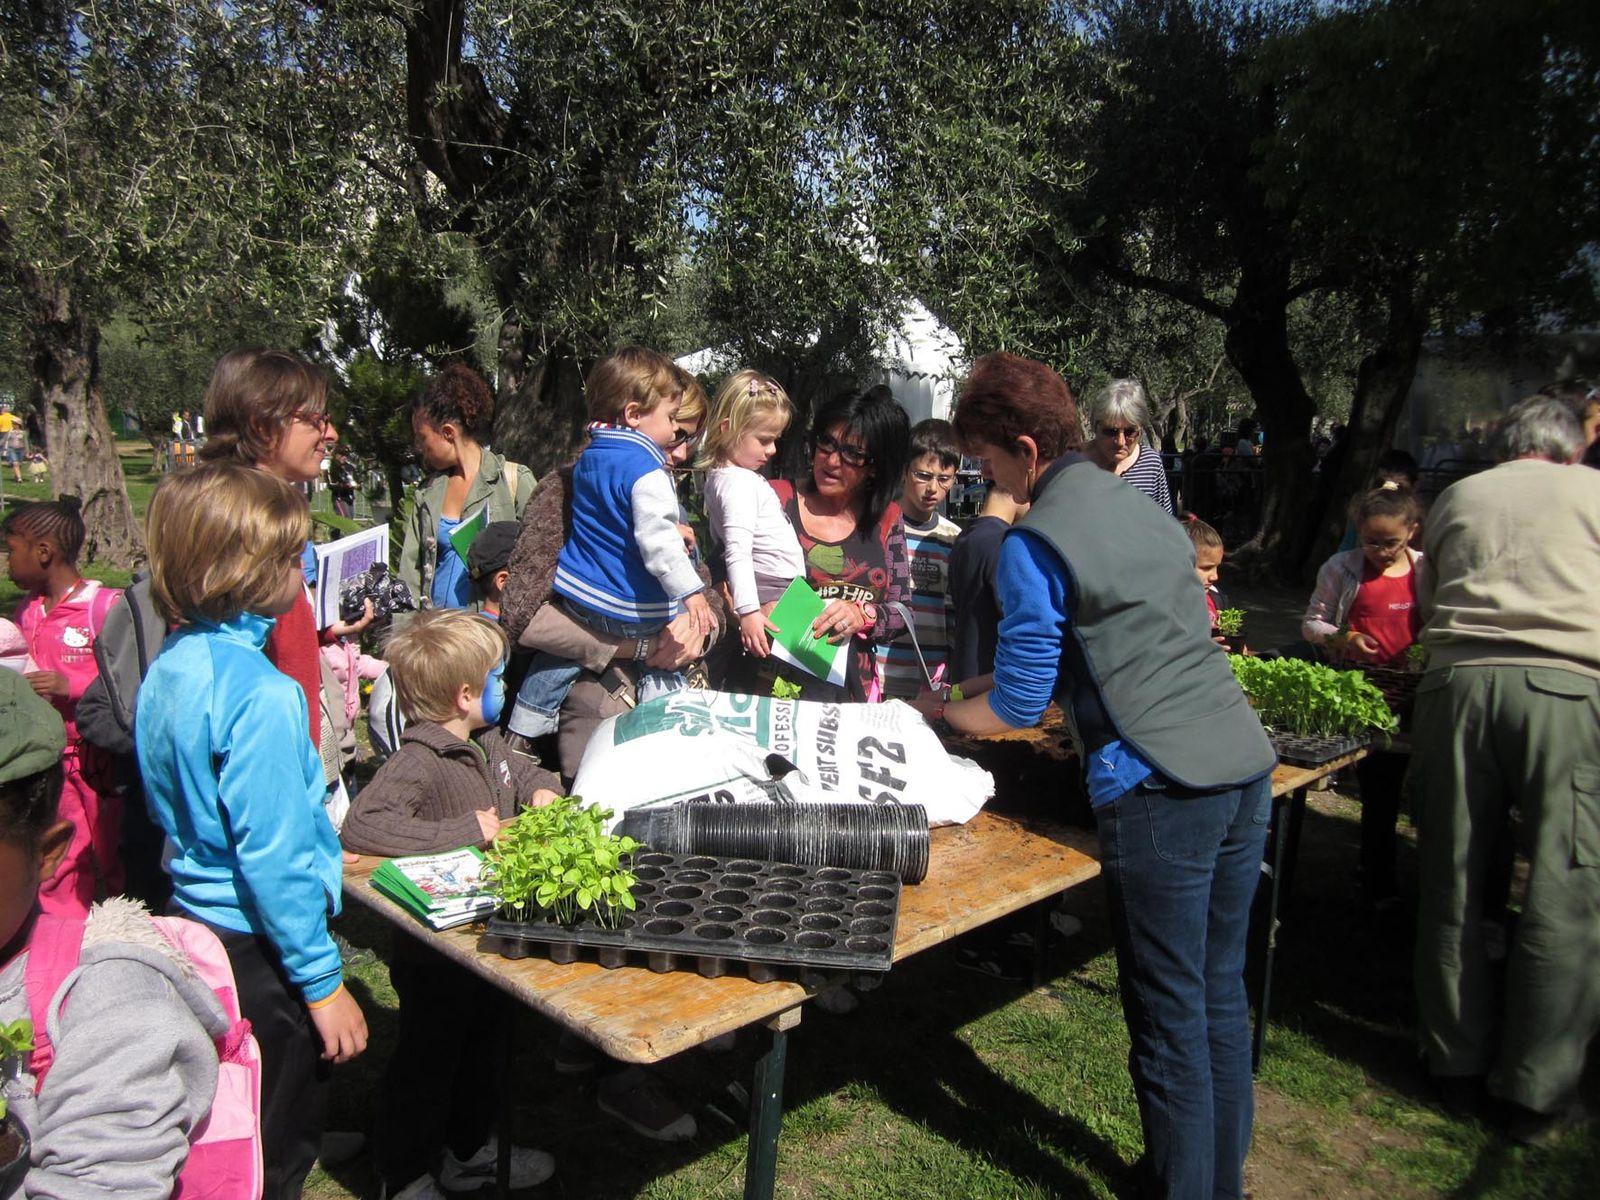 Manifestations - Participation de la Direction Adjointe des Espaces Verts de la Ville de Nice